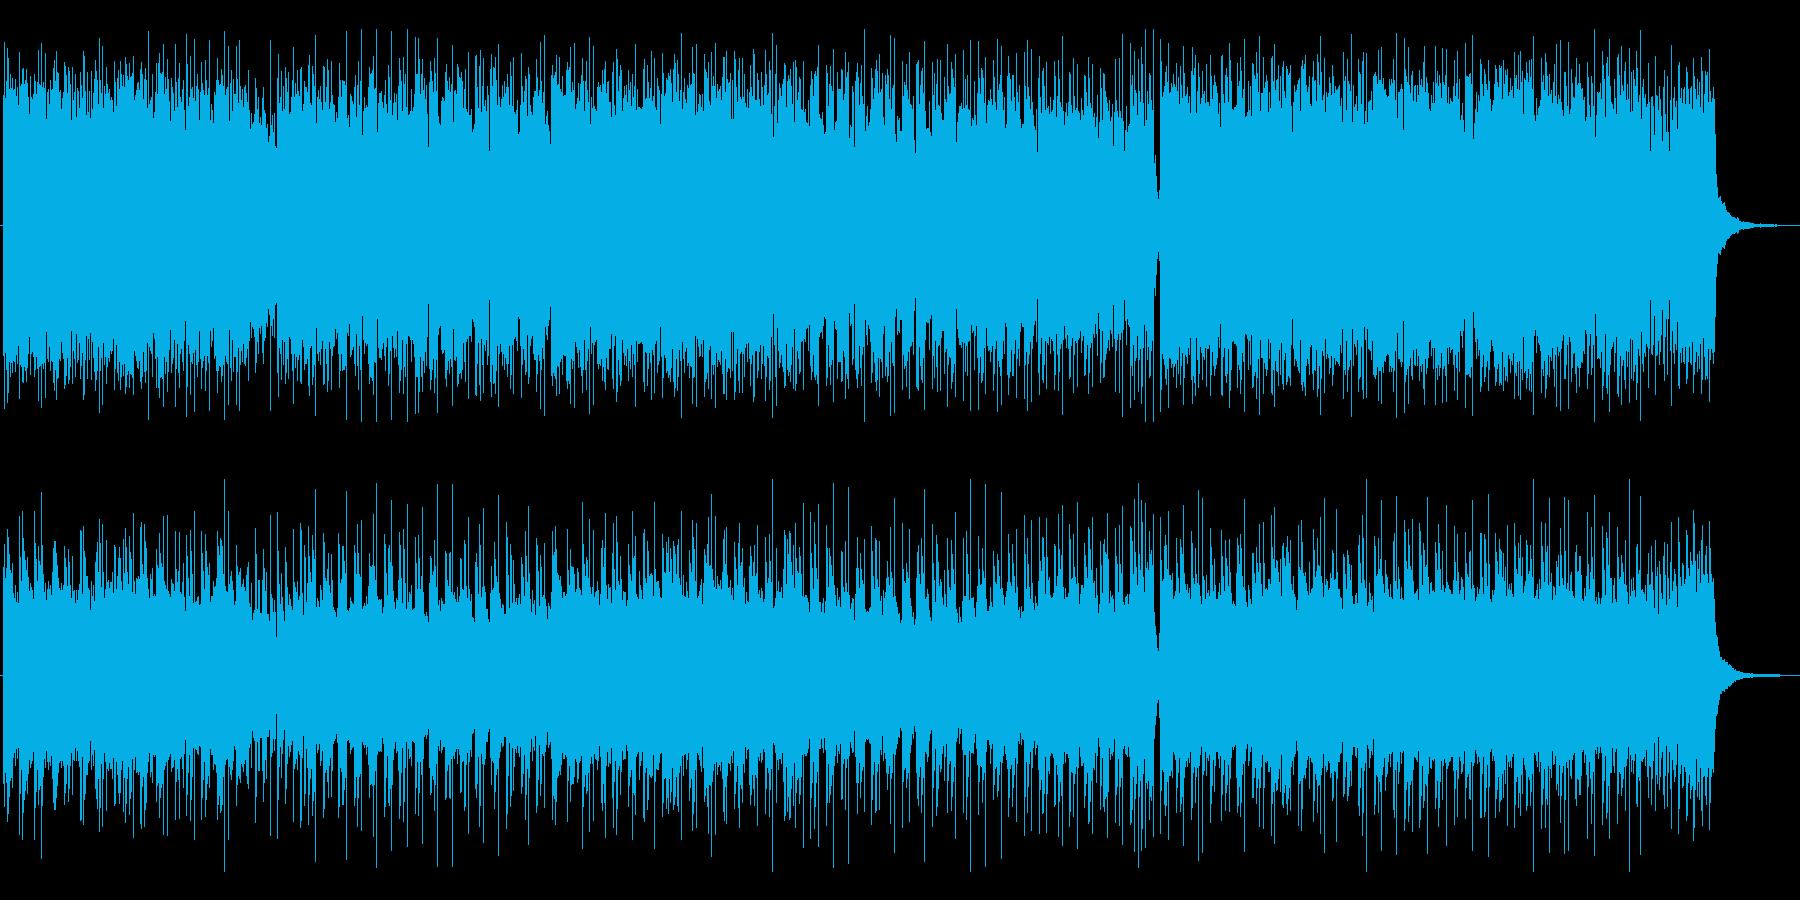 紹介動画 映像 CMに ポップロックの再生済みの波形